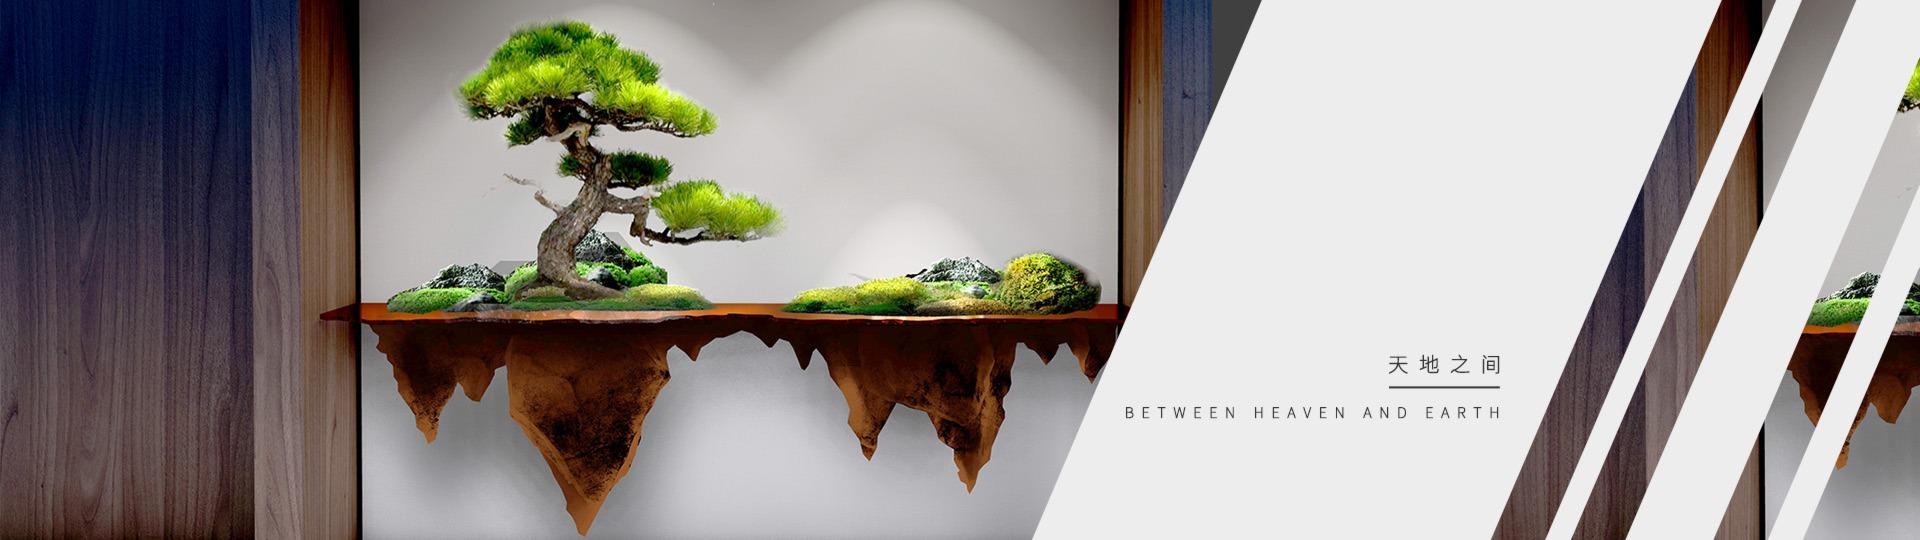 办公室绿化,办公室软装,办公室植物